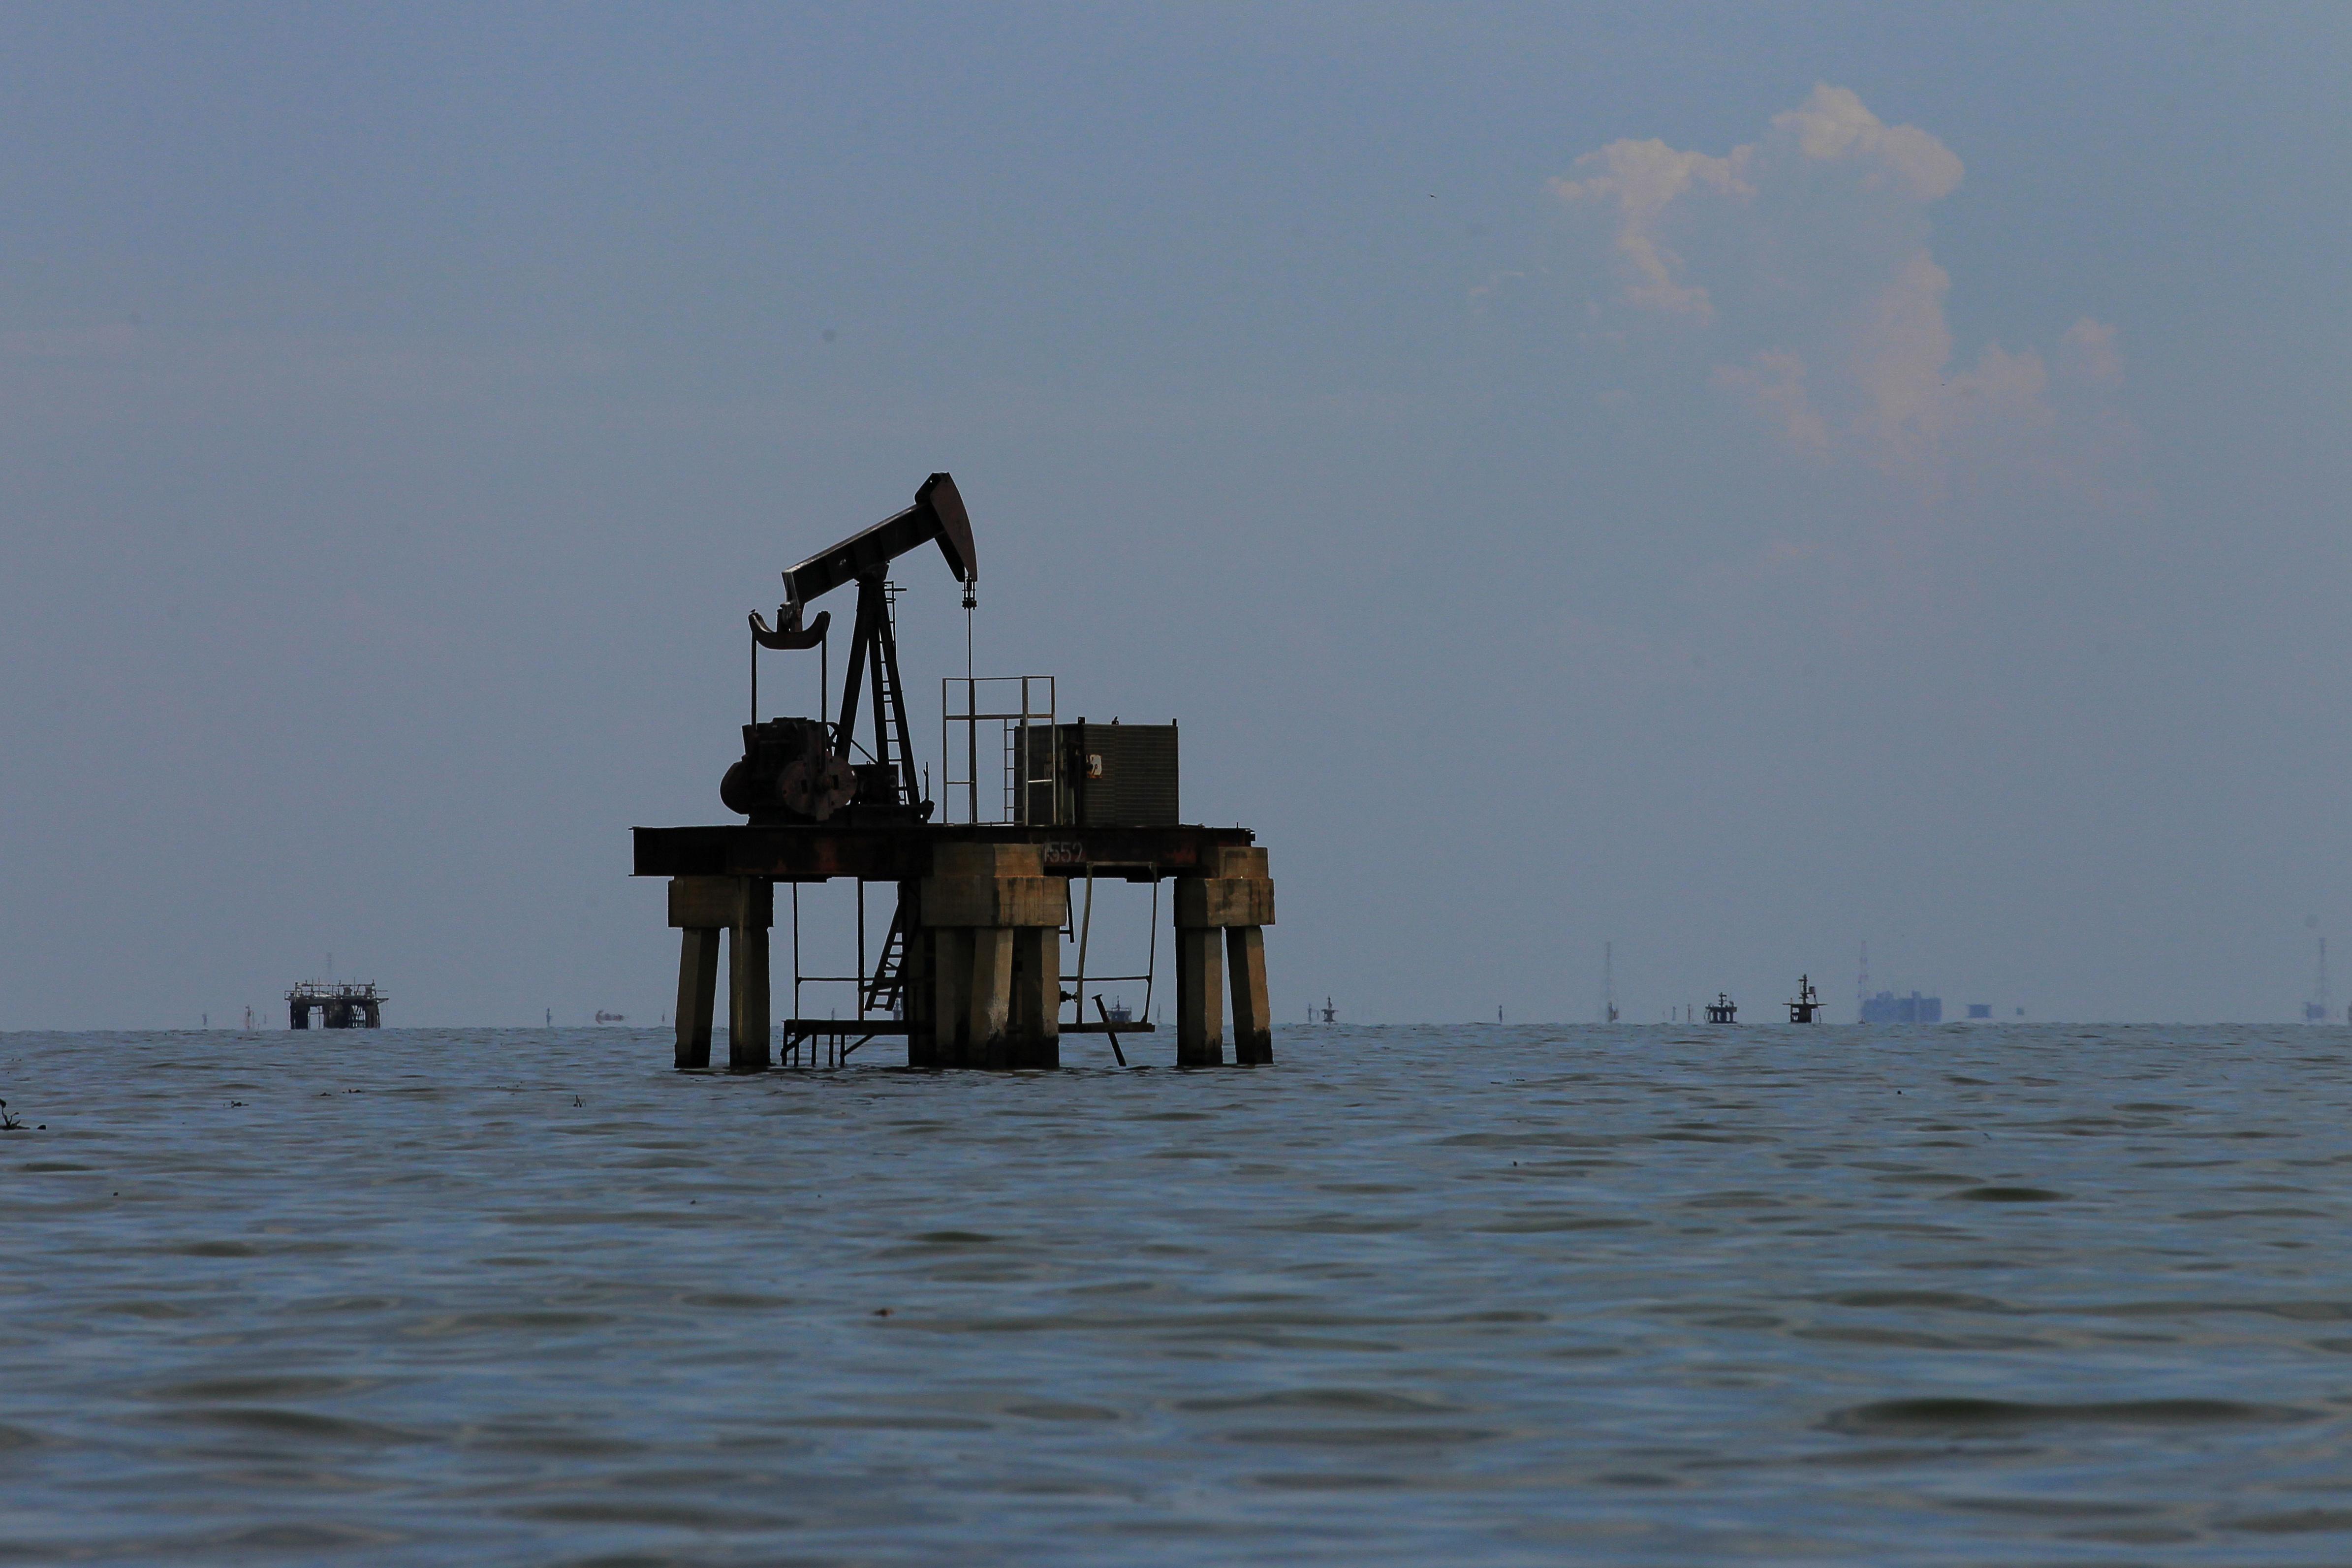 An oil pumpjack is seen at Lake Maracaibo in Lagunillas, Venezuela May 24, 2018. REUTERS/Isaac Urrutia